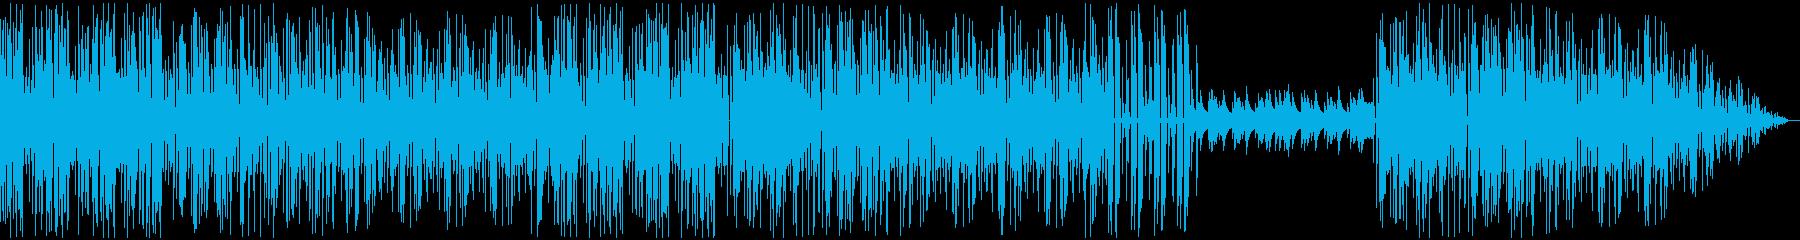 ファミコン風10明るい歌もの楽曲の再生済みの波形